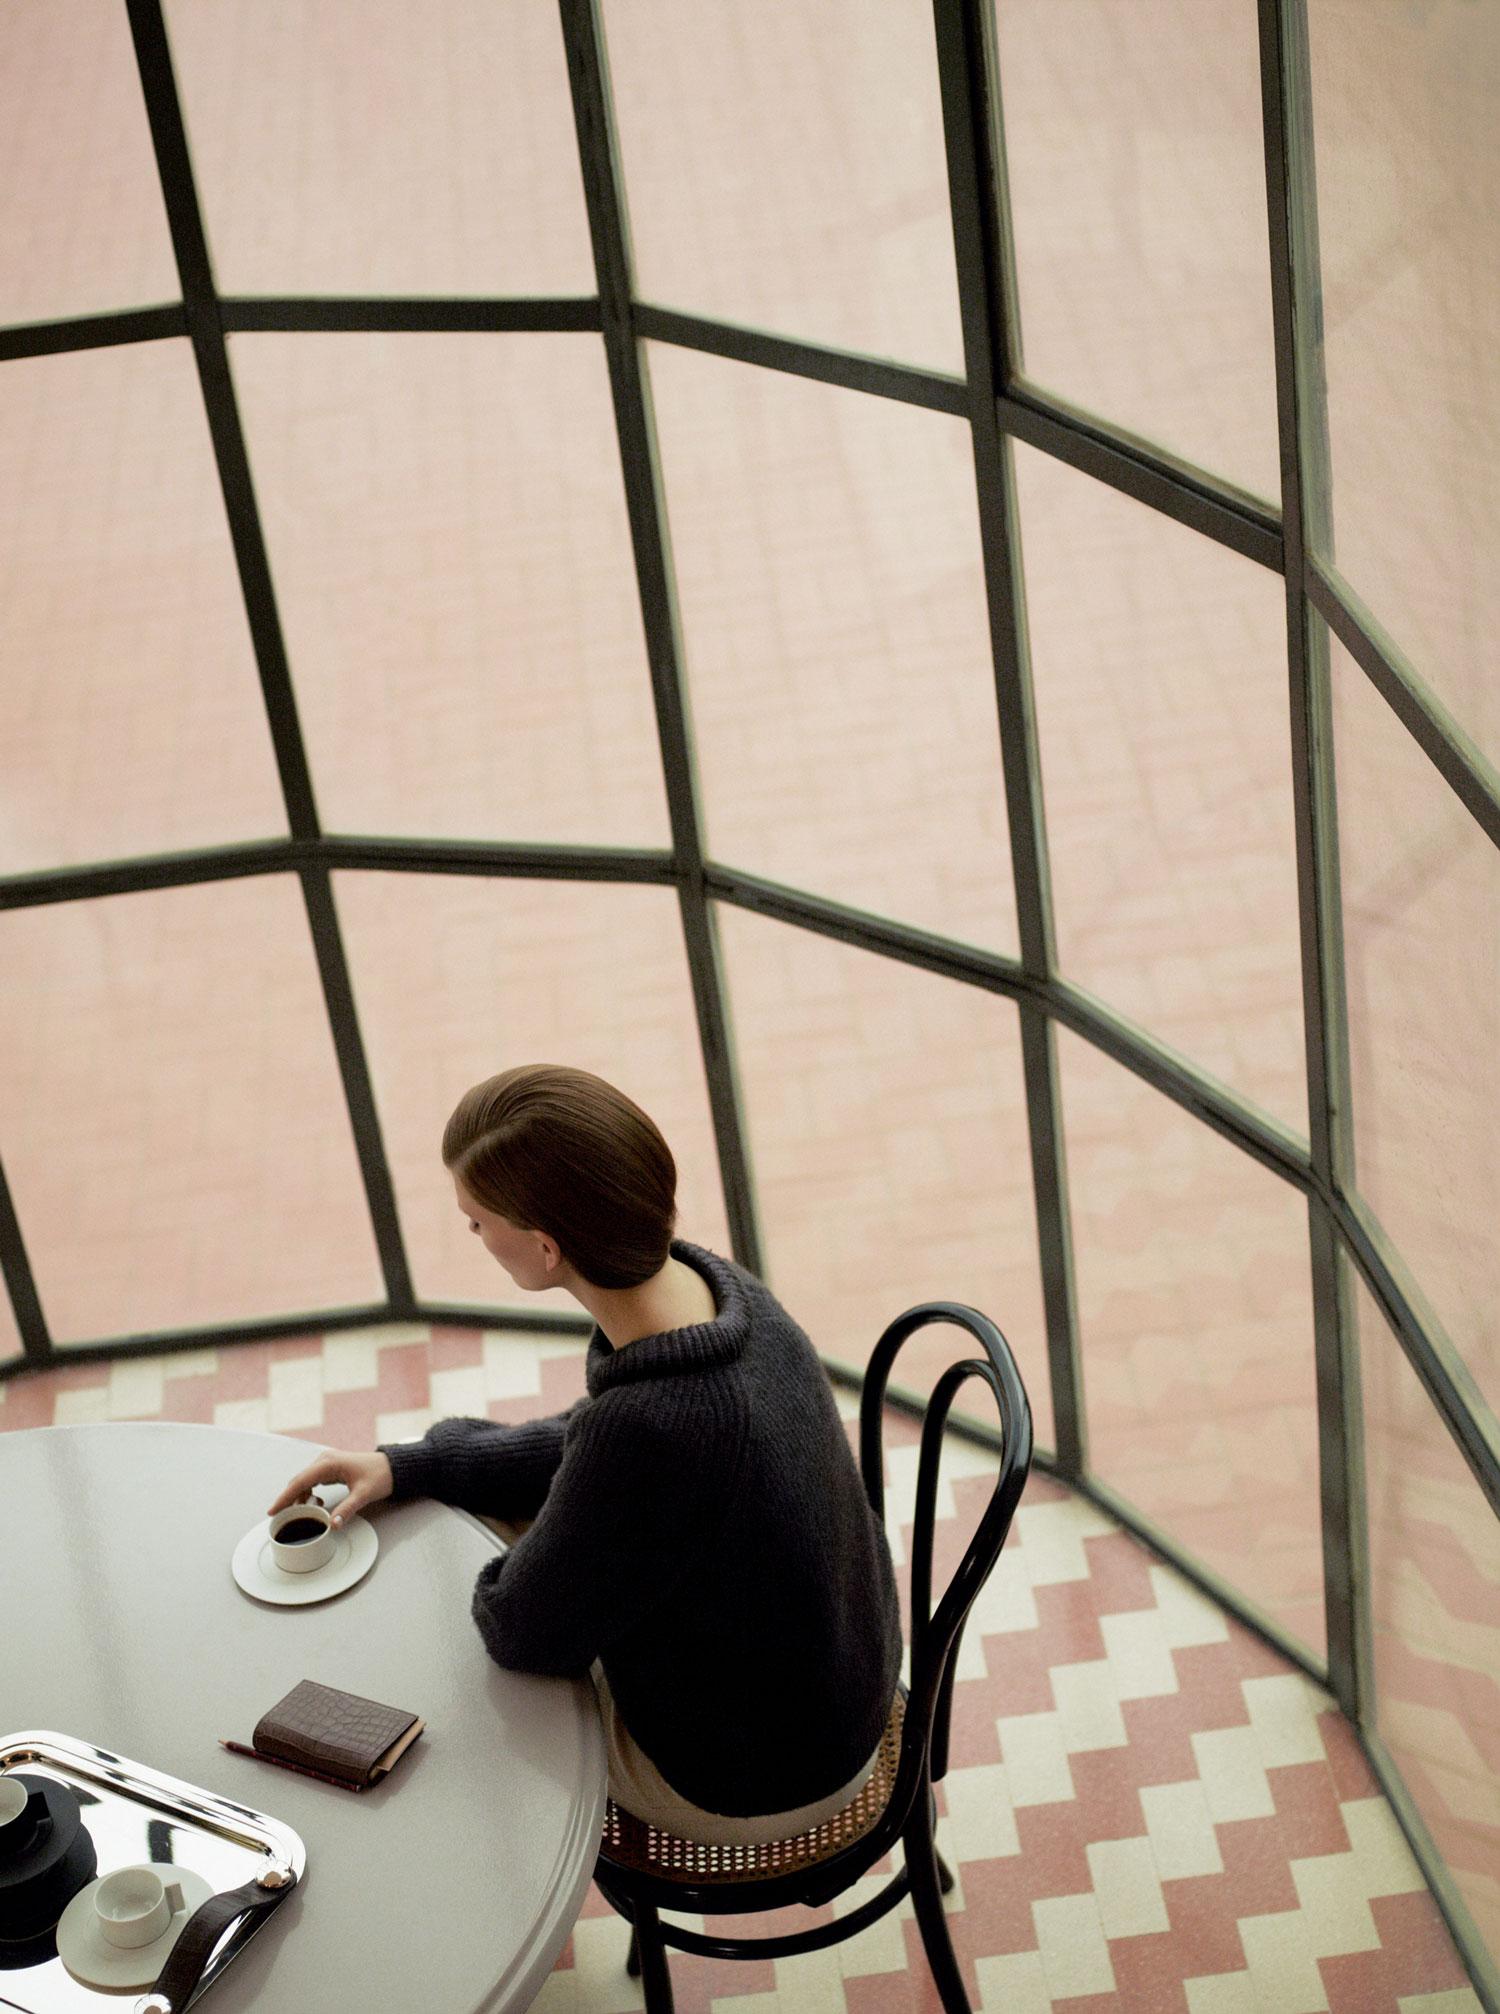 Hermes Winter 2012 Catalogue Valerija Kevala by Zoe Ghertner | Yellowtrace